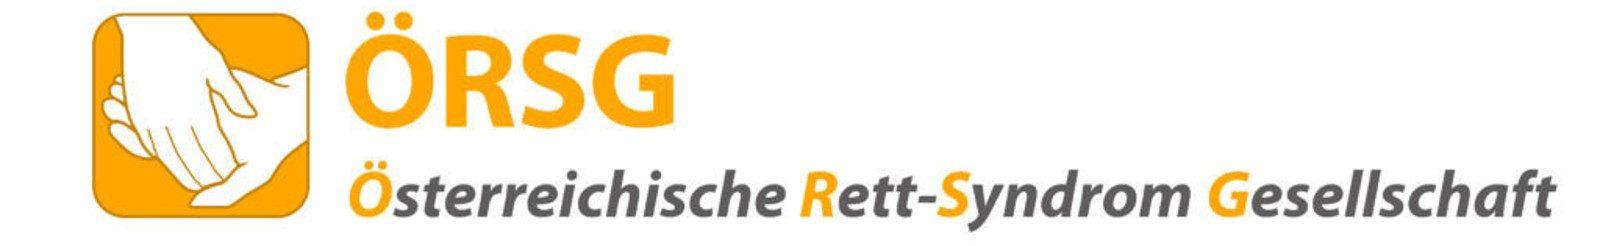 ÖRSG – Österreichische Rett-Syndrom Gesellschaft